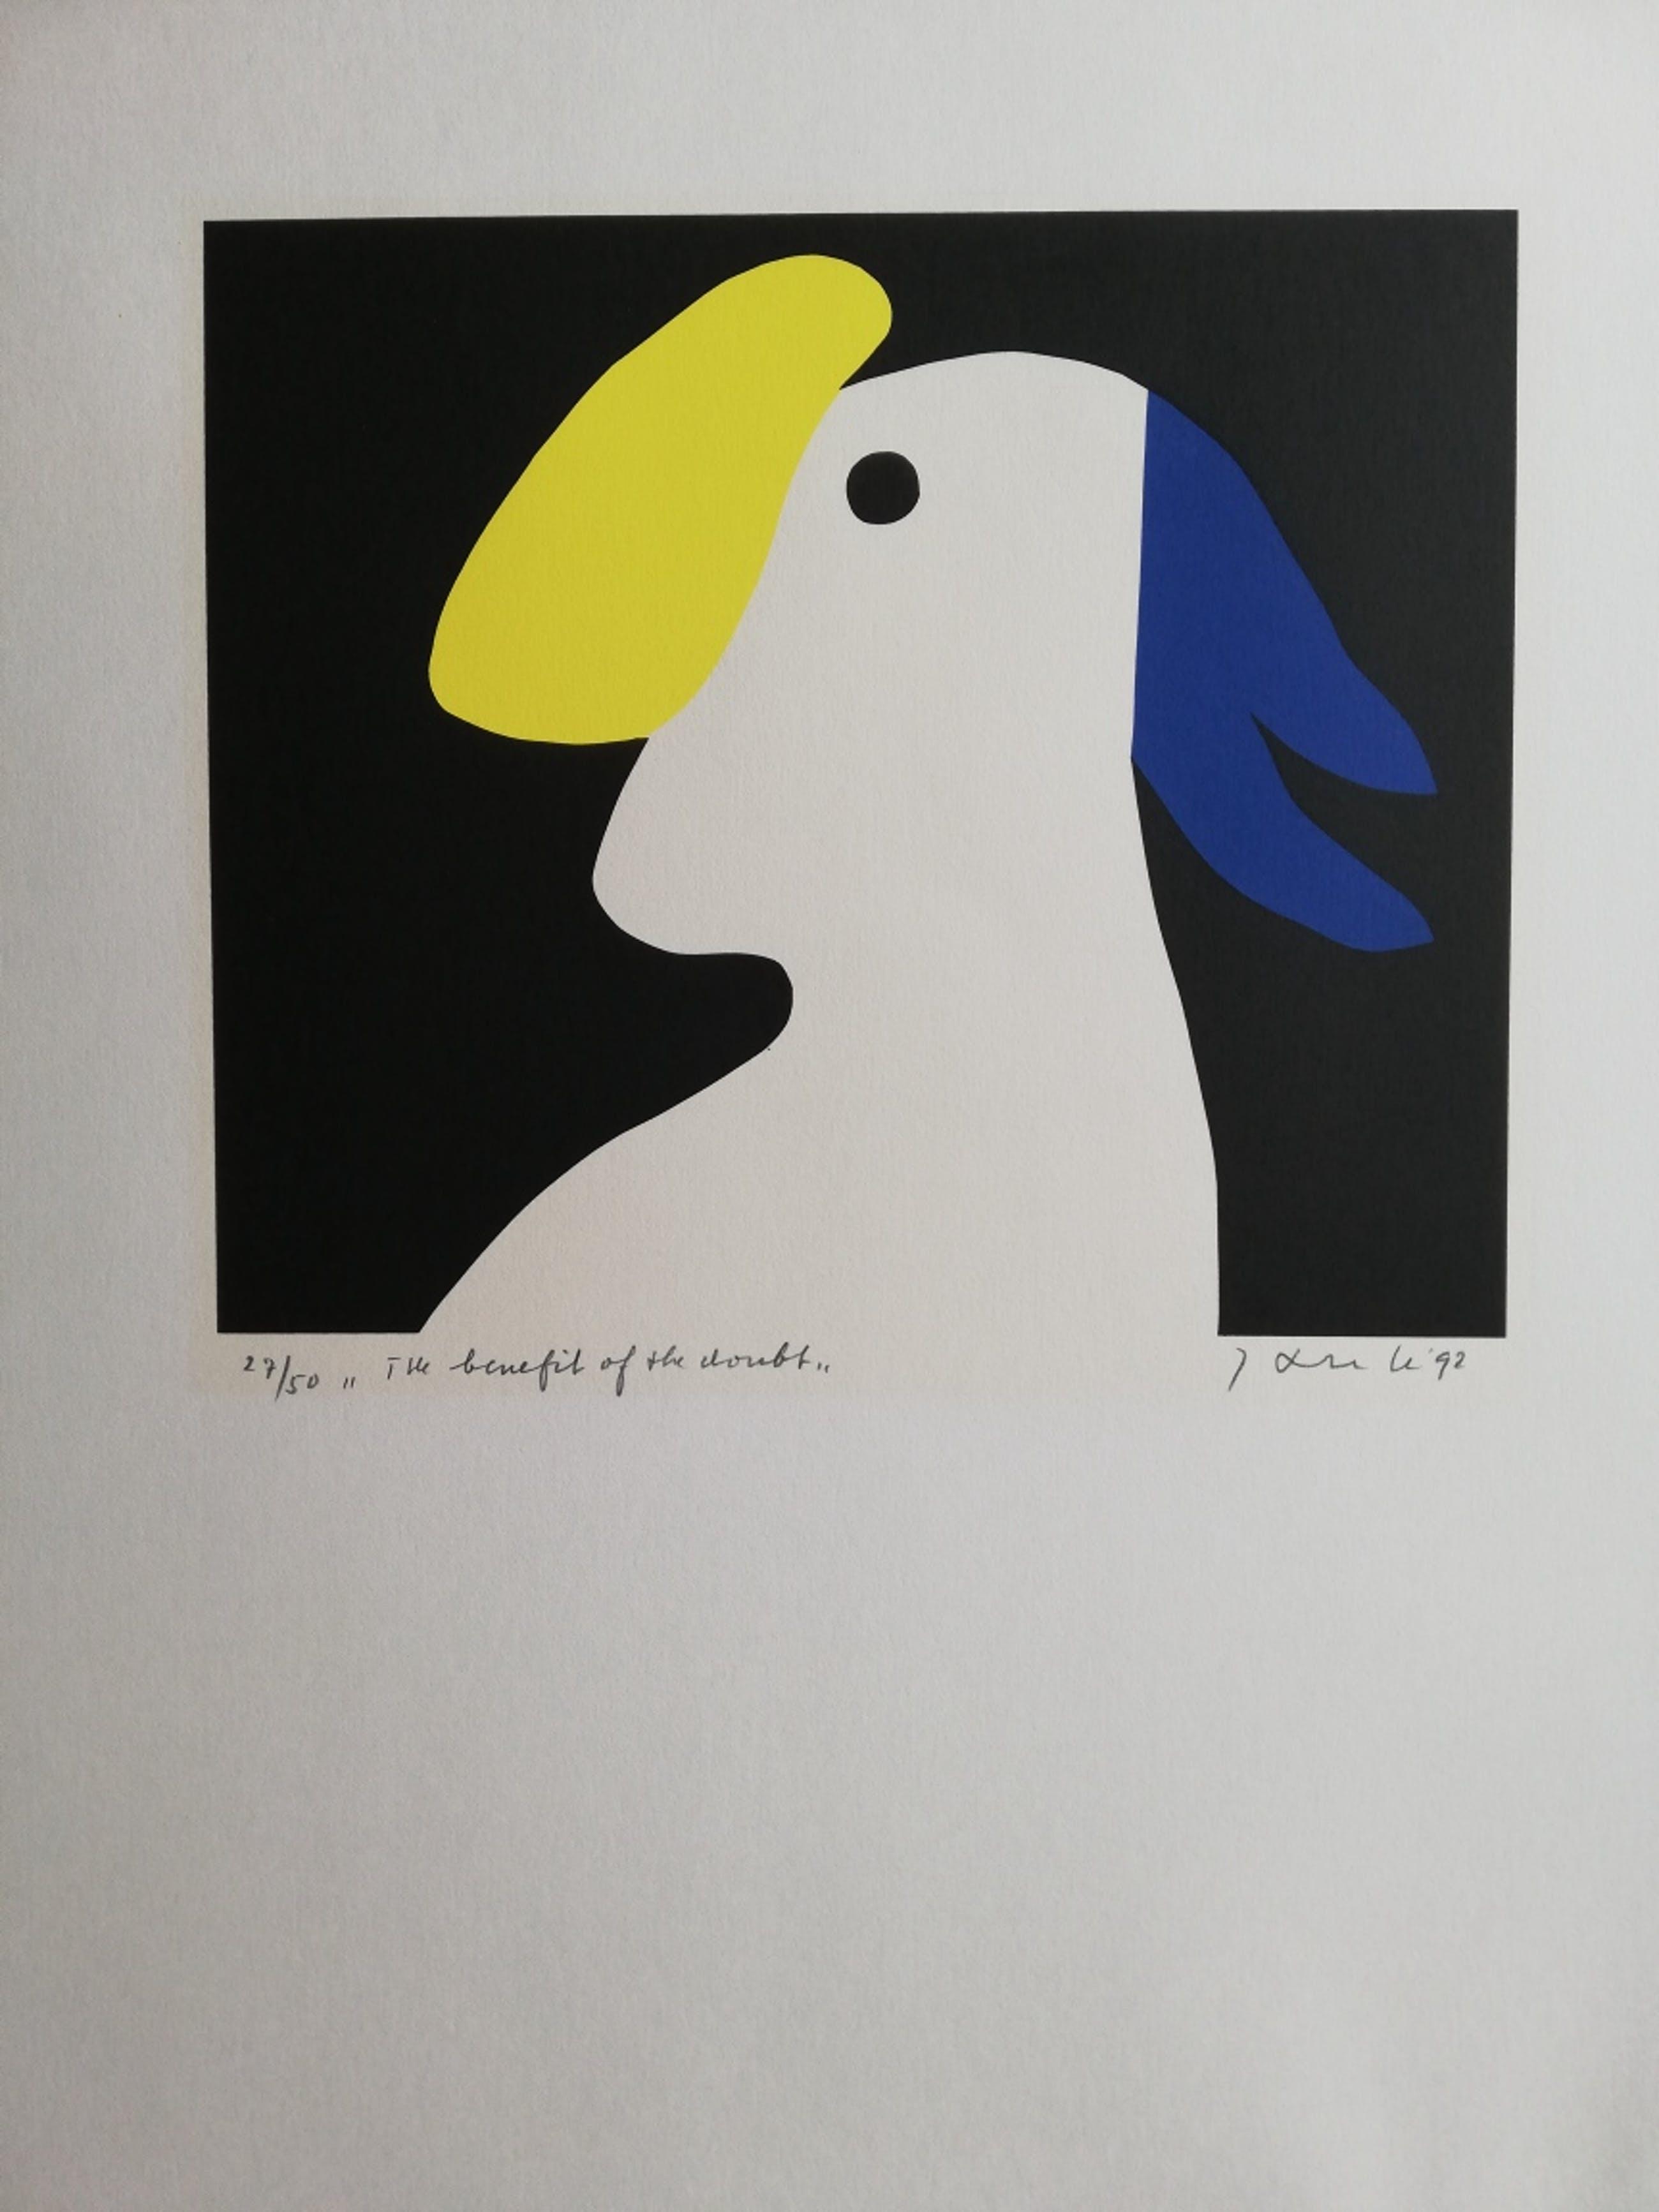 Jan Snoeck - THE BENEFIT OF THE DOUBT / KLEURZEEFDRUK / 56x45cm / SIG / 1992 kopen? Bied vanaf 25!